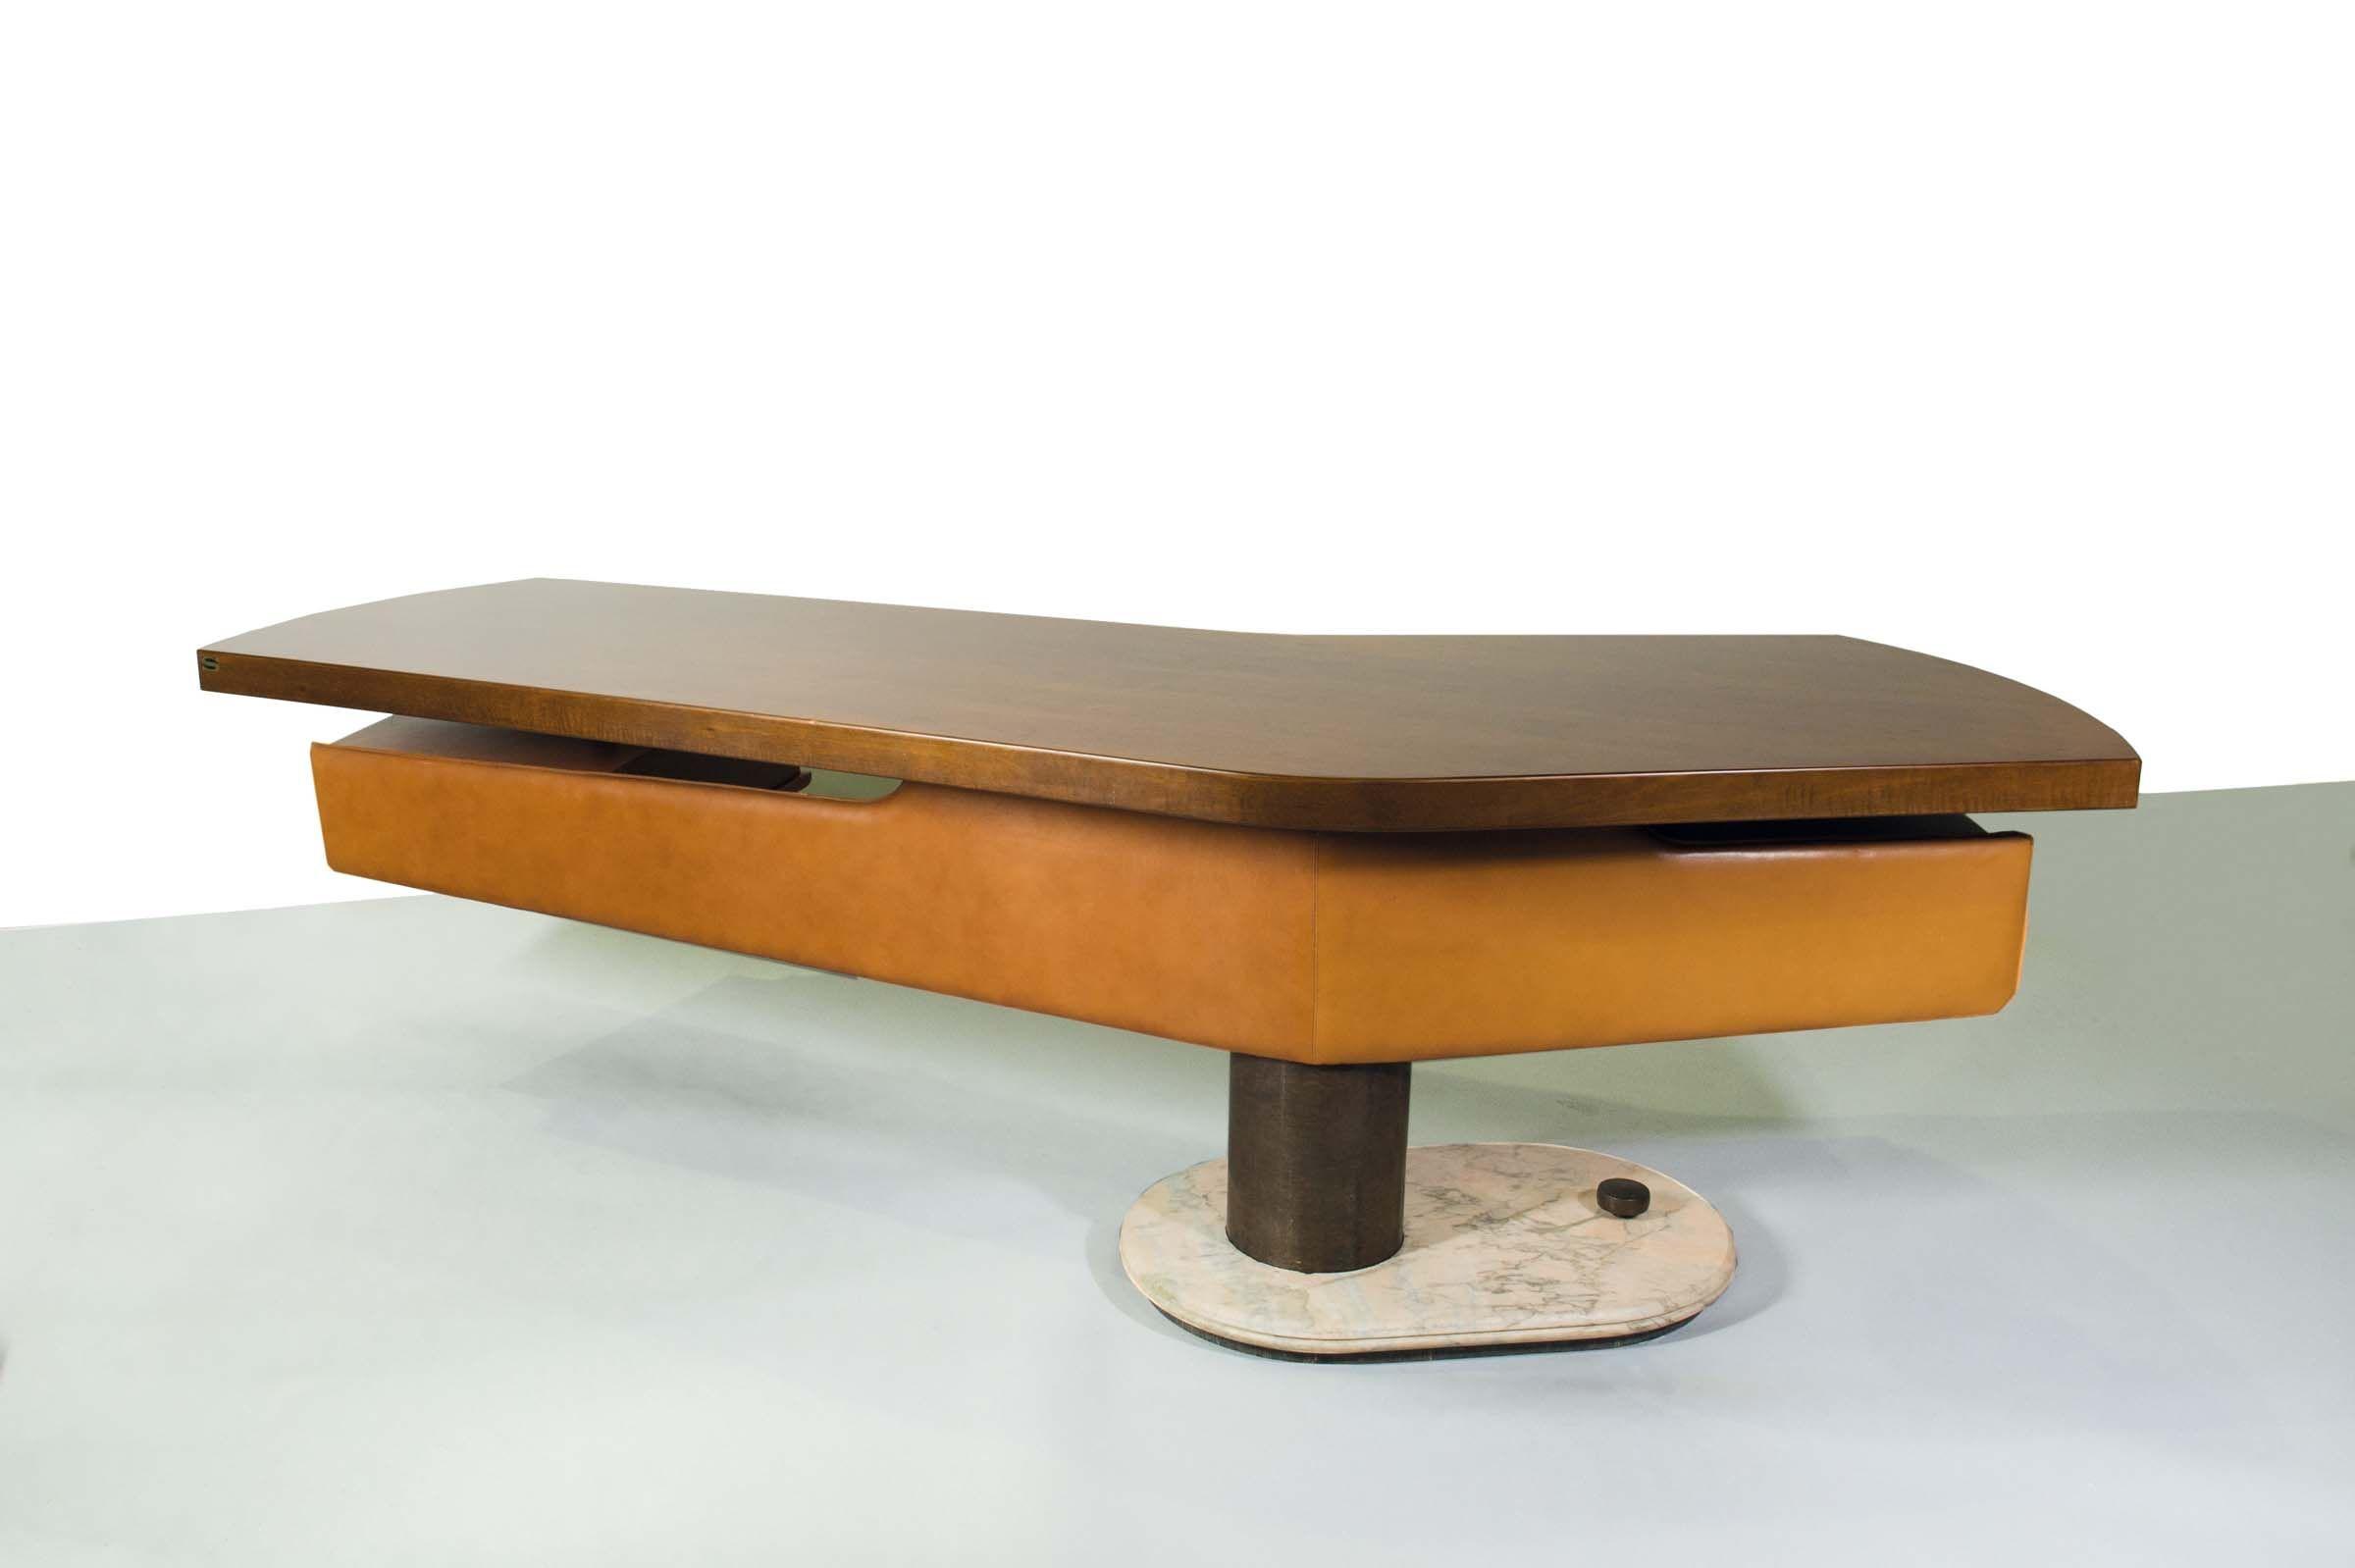 Scrivania, base in marmo, struttura in metallo verniciato, rifiniture in ottone e rivestimento in skai, Produzione Schirolli, Italia 1960, cm 120x250x75